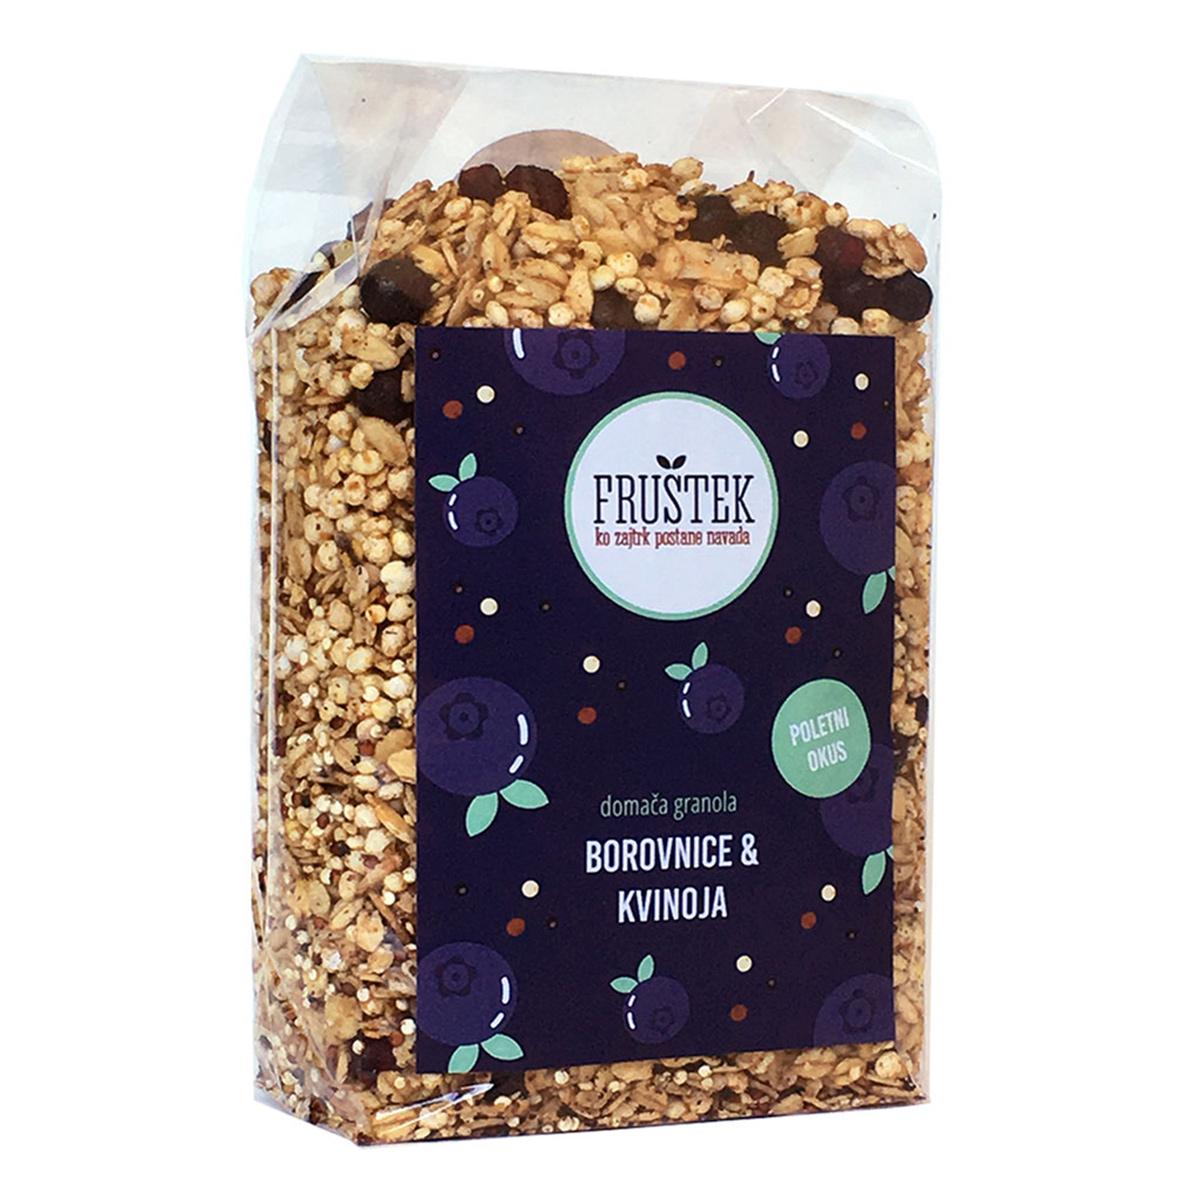 Fruštek domača granola Borovnice in kvinoja